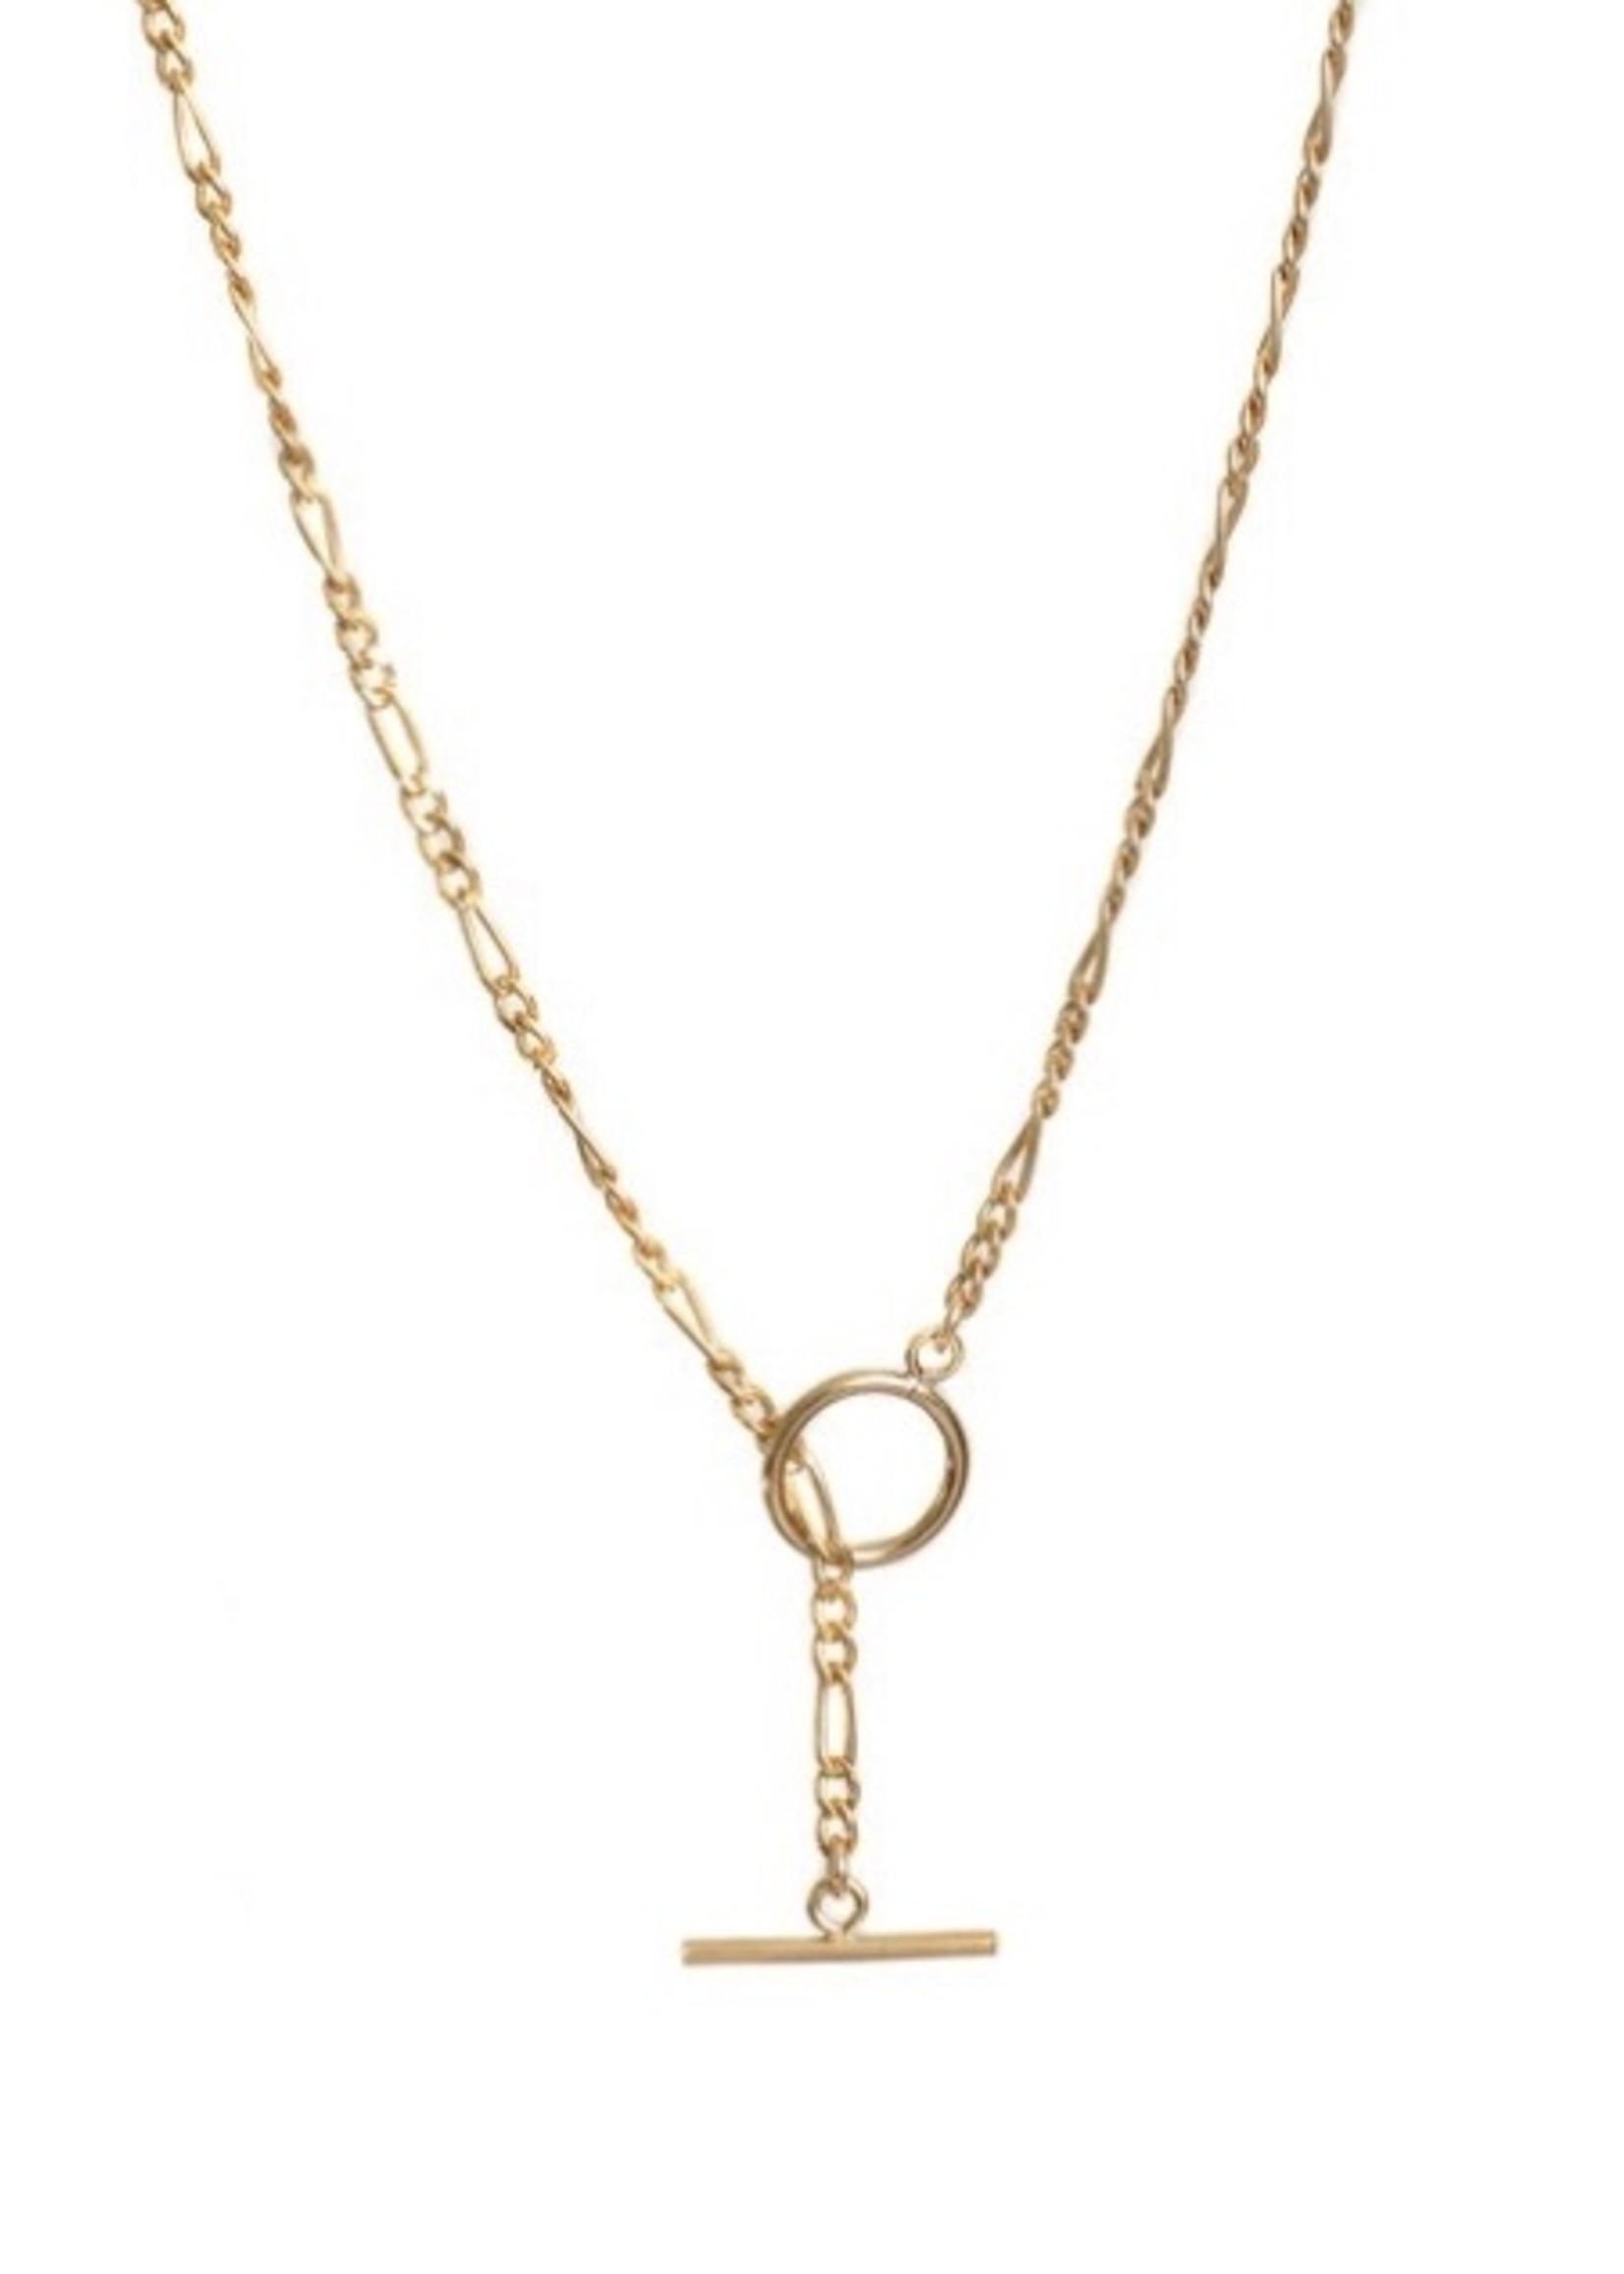 Lisbeth ENSLEY necklace, 14k gold fill